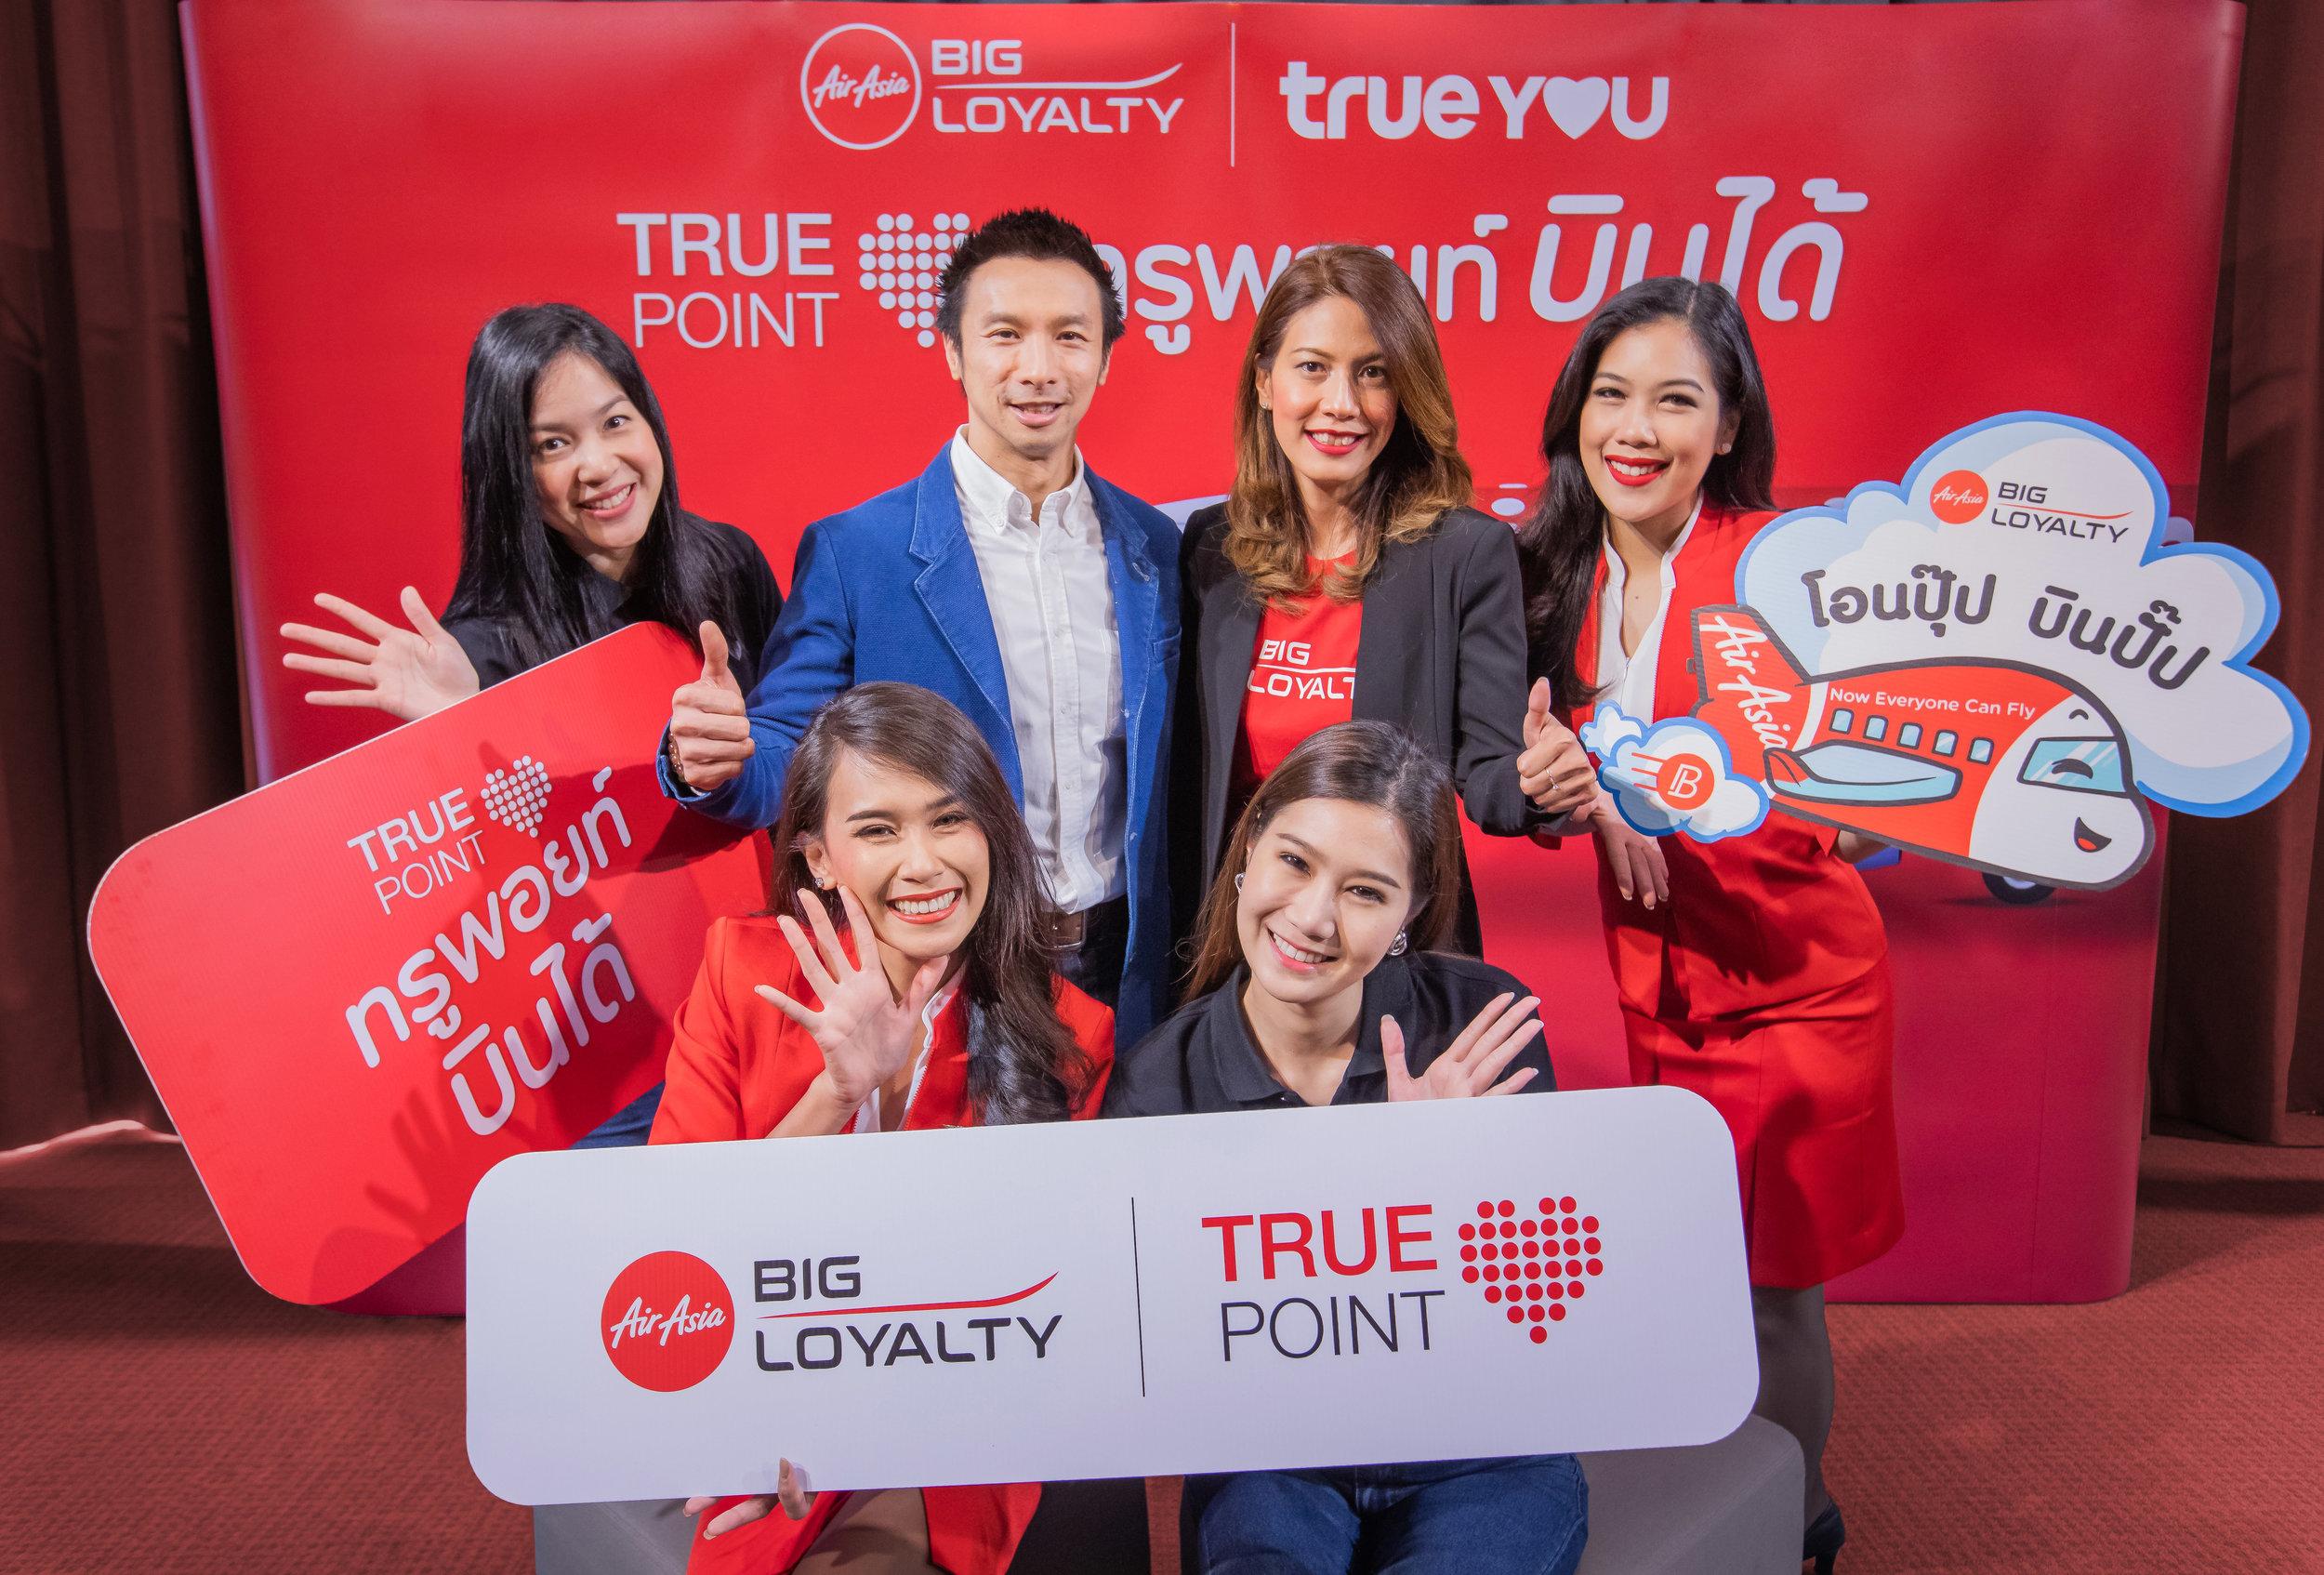 (กลางขวา) นางสาวบวรภัค ศิริพานิช ผู้อำนวยการประจำประเทศไทย AirAsia BIG และ (กลางซ้าย) นายฐานพล มานะวุฒิเวช ผู้จัดการทั่วไปด้านการผสานสิทธิประโยชน์ลูกค้า บริษัท ทรูดิจิตอล แอนด์ มีเดีย แพลตฟอร์ม จำกัด ร่วมเปิดตัวพีเจอร์ใหม่ ให้กับสมาชิก BIG และลูกค้าทรู